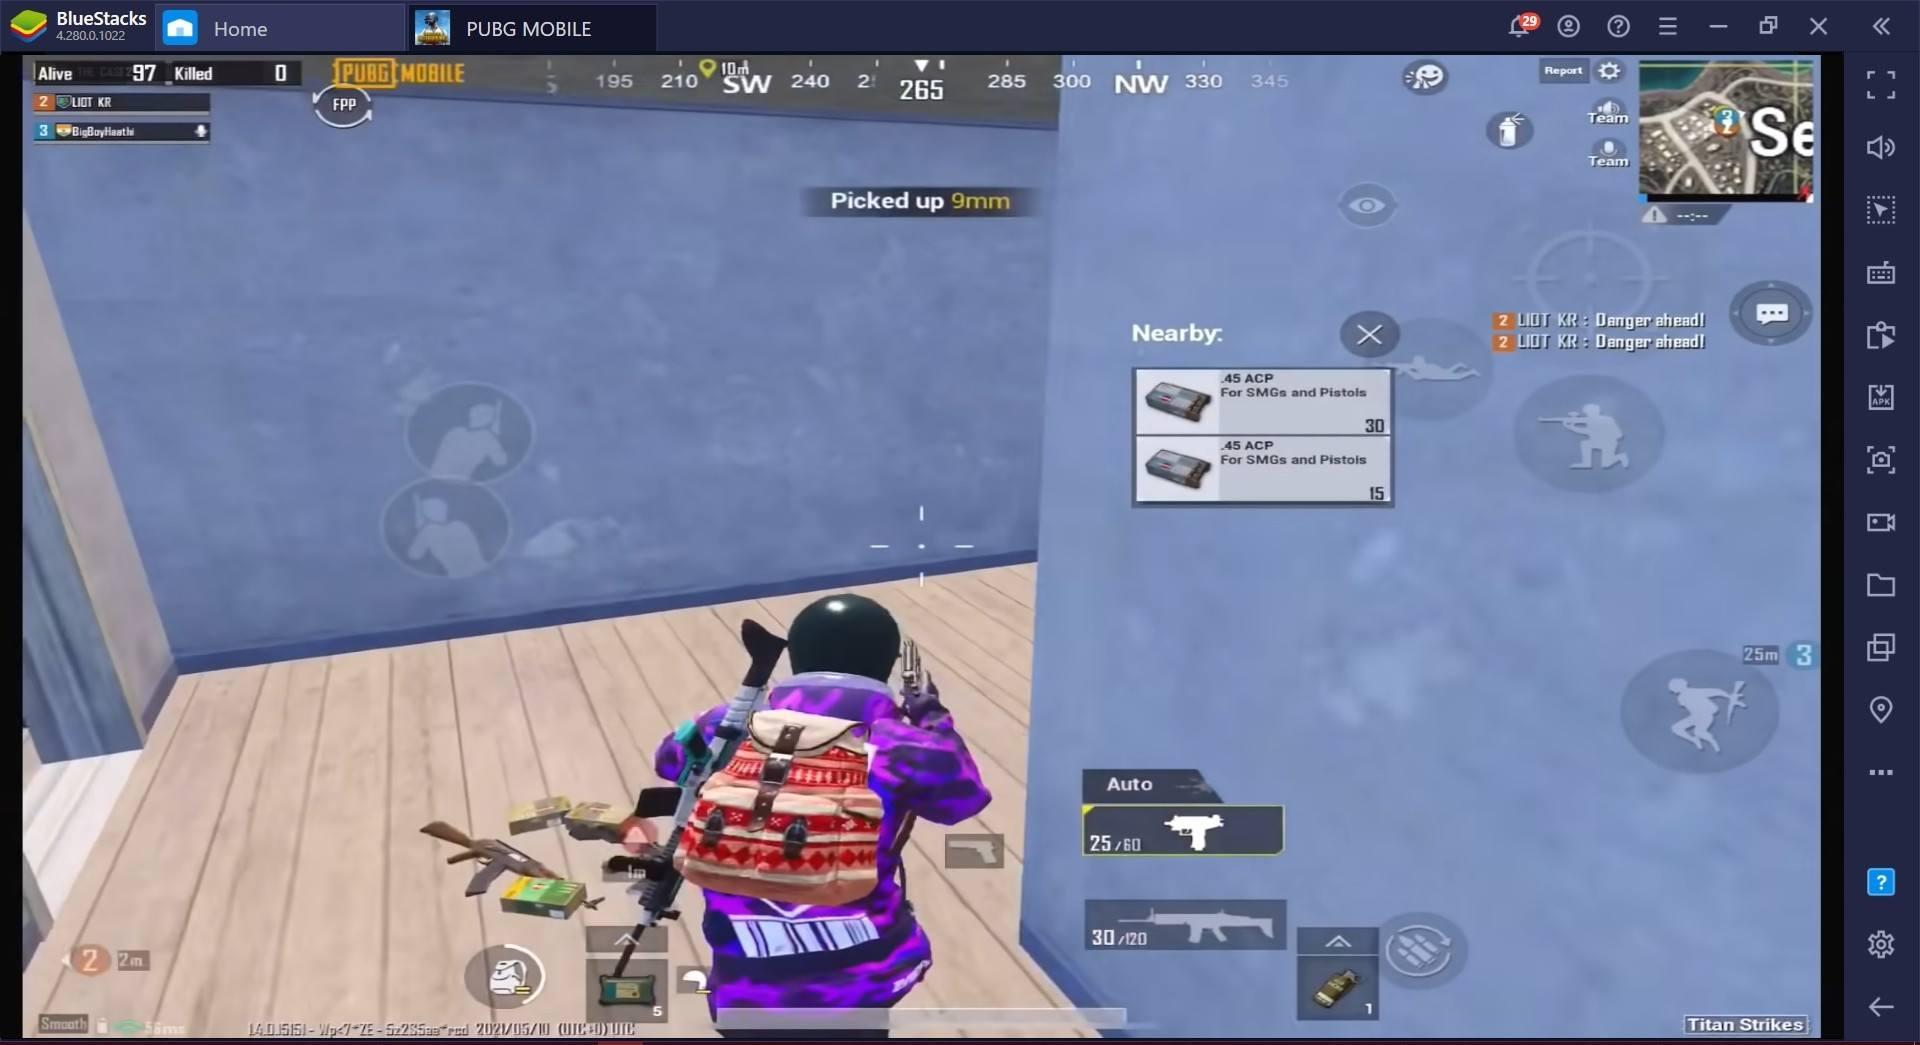 دليل BlueStacks لمعدات العلاج في لعبة PUBG Mobile